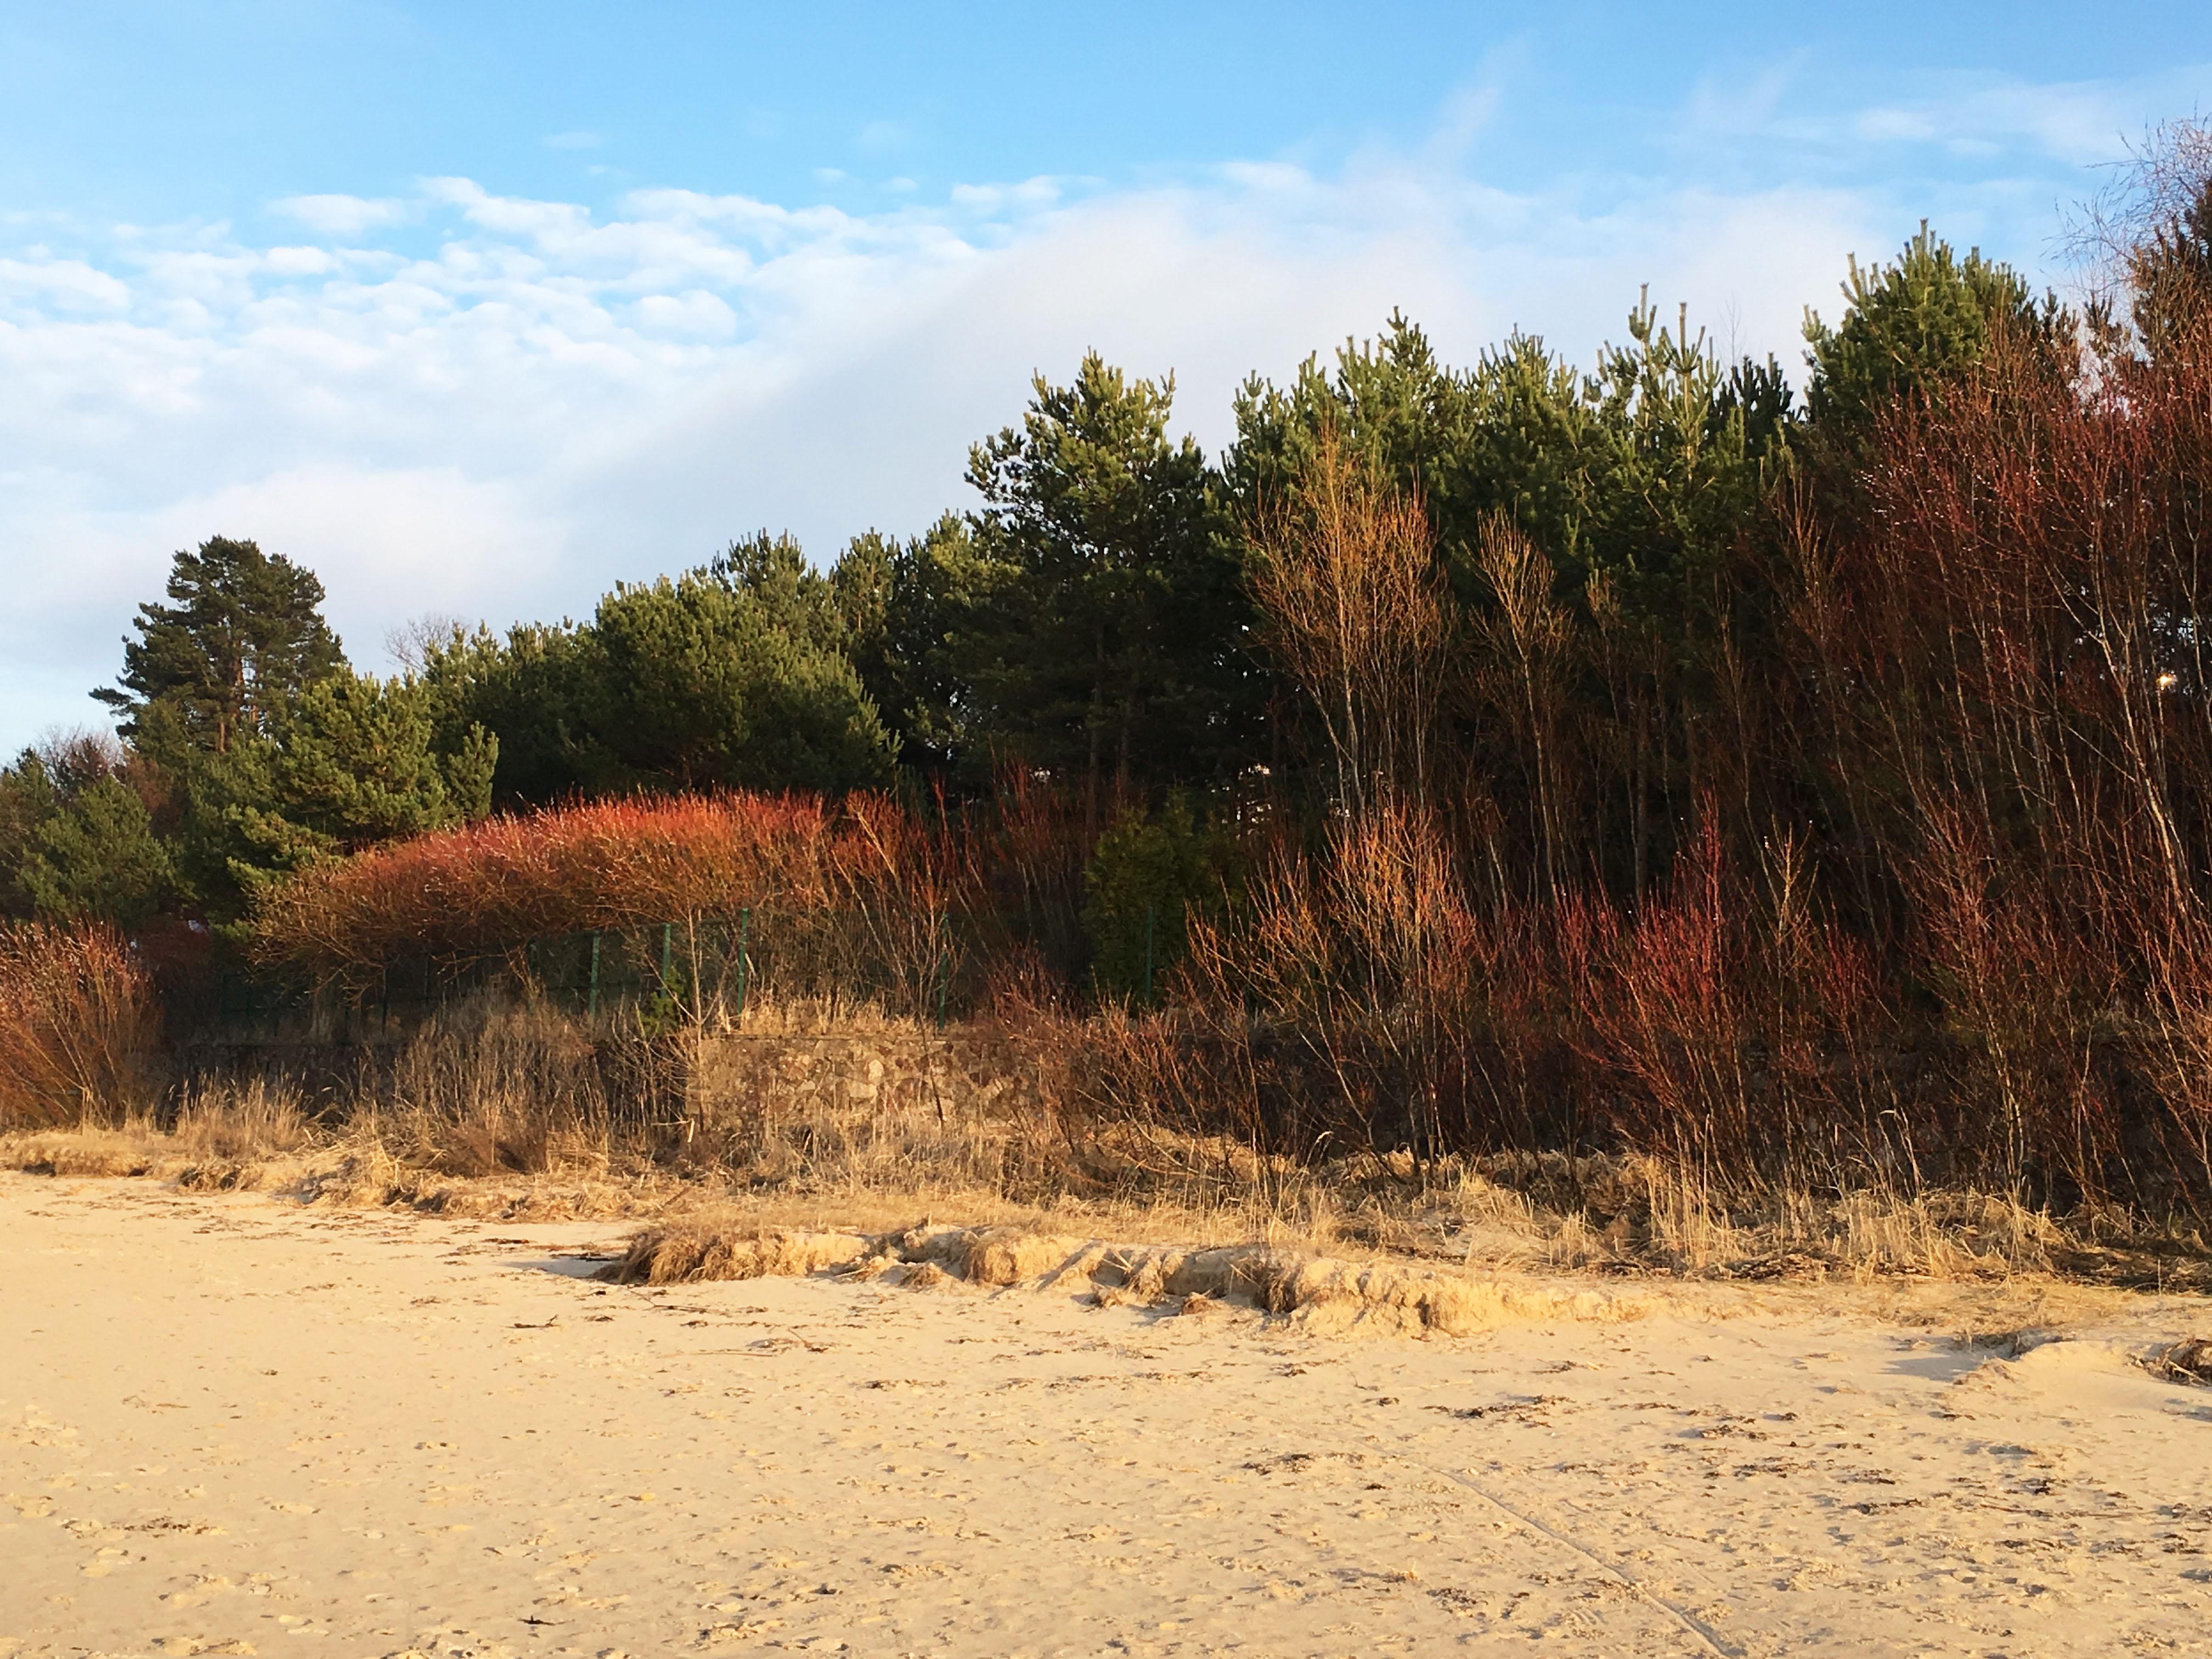 Латвия Юрмала Весна Дюны морской пейзаж крски природы Альберт Сафиуллин